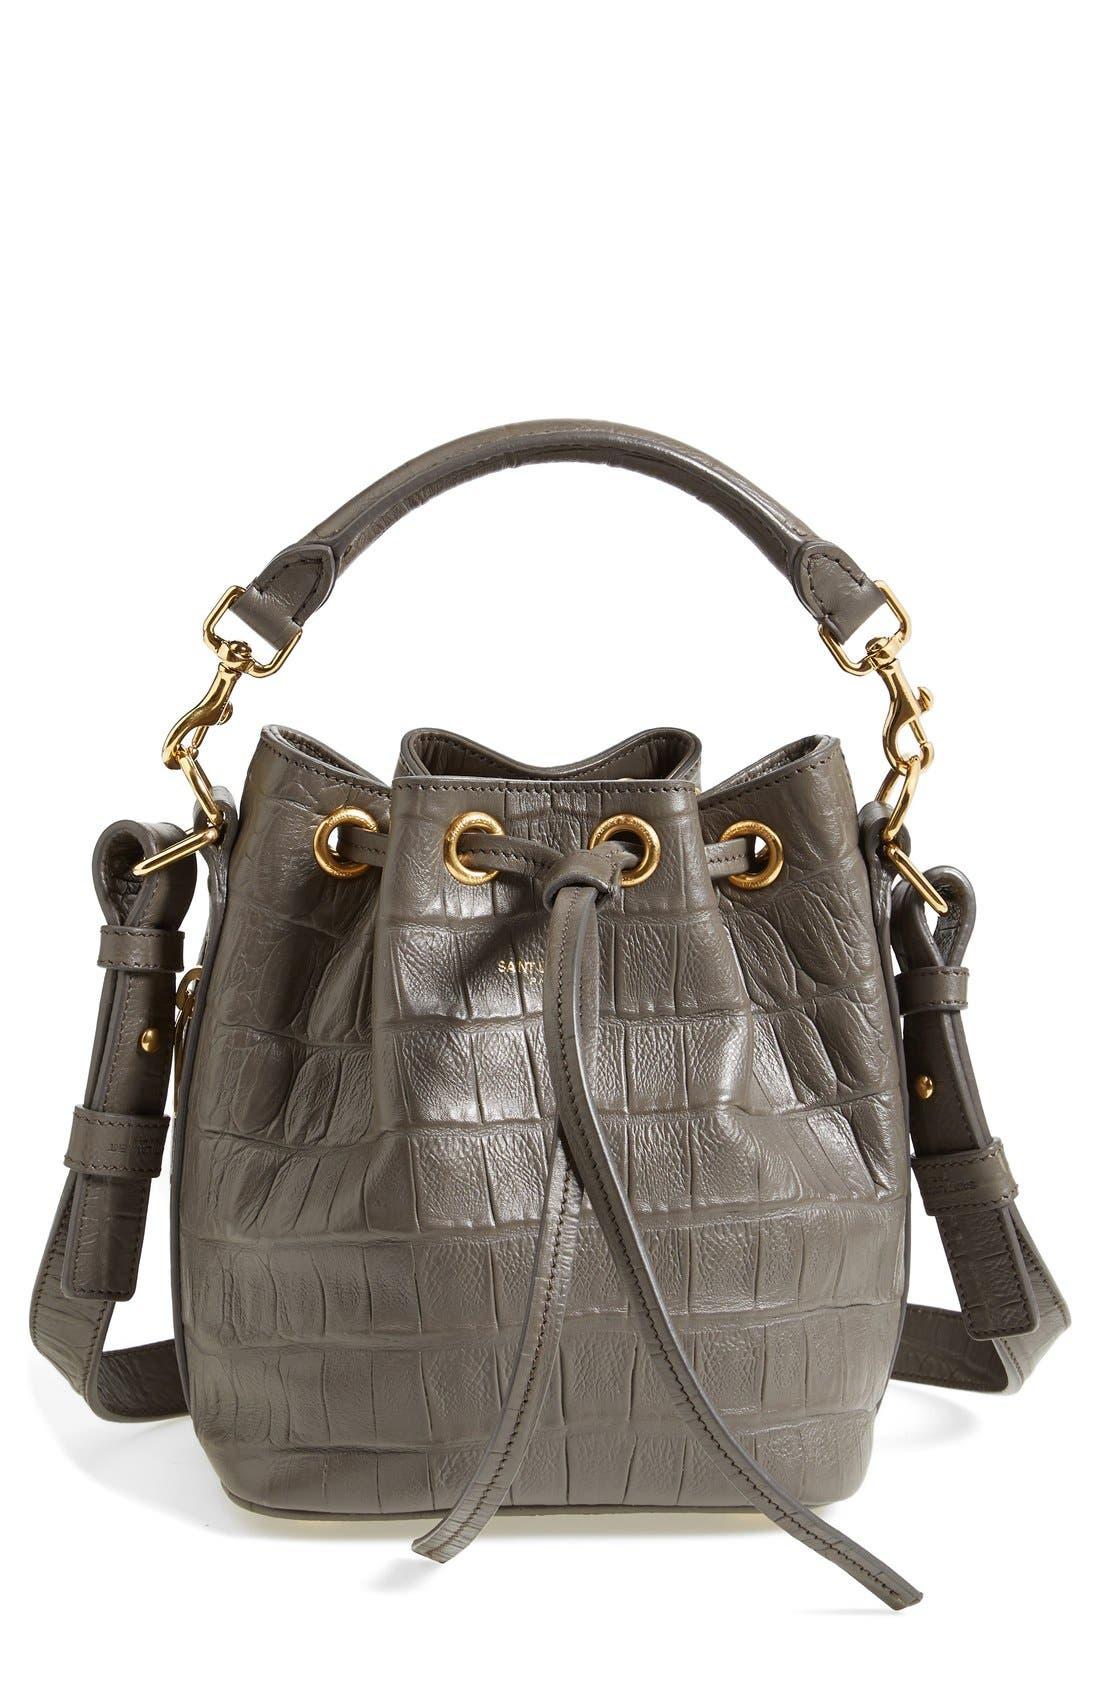 Main Image - Saint Laurent 'Small Seau' Croc Embossed Leather Bucket Bag